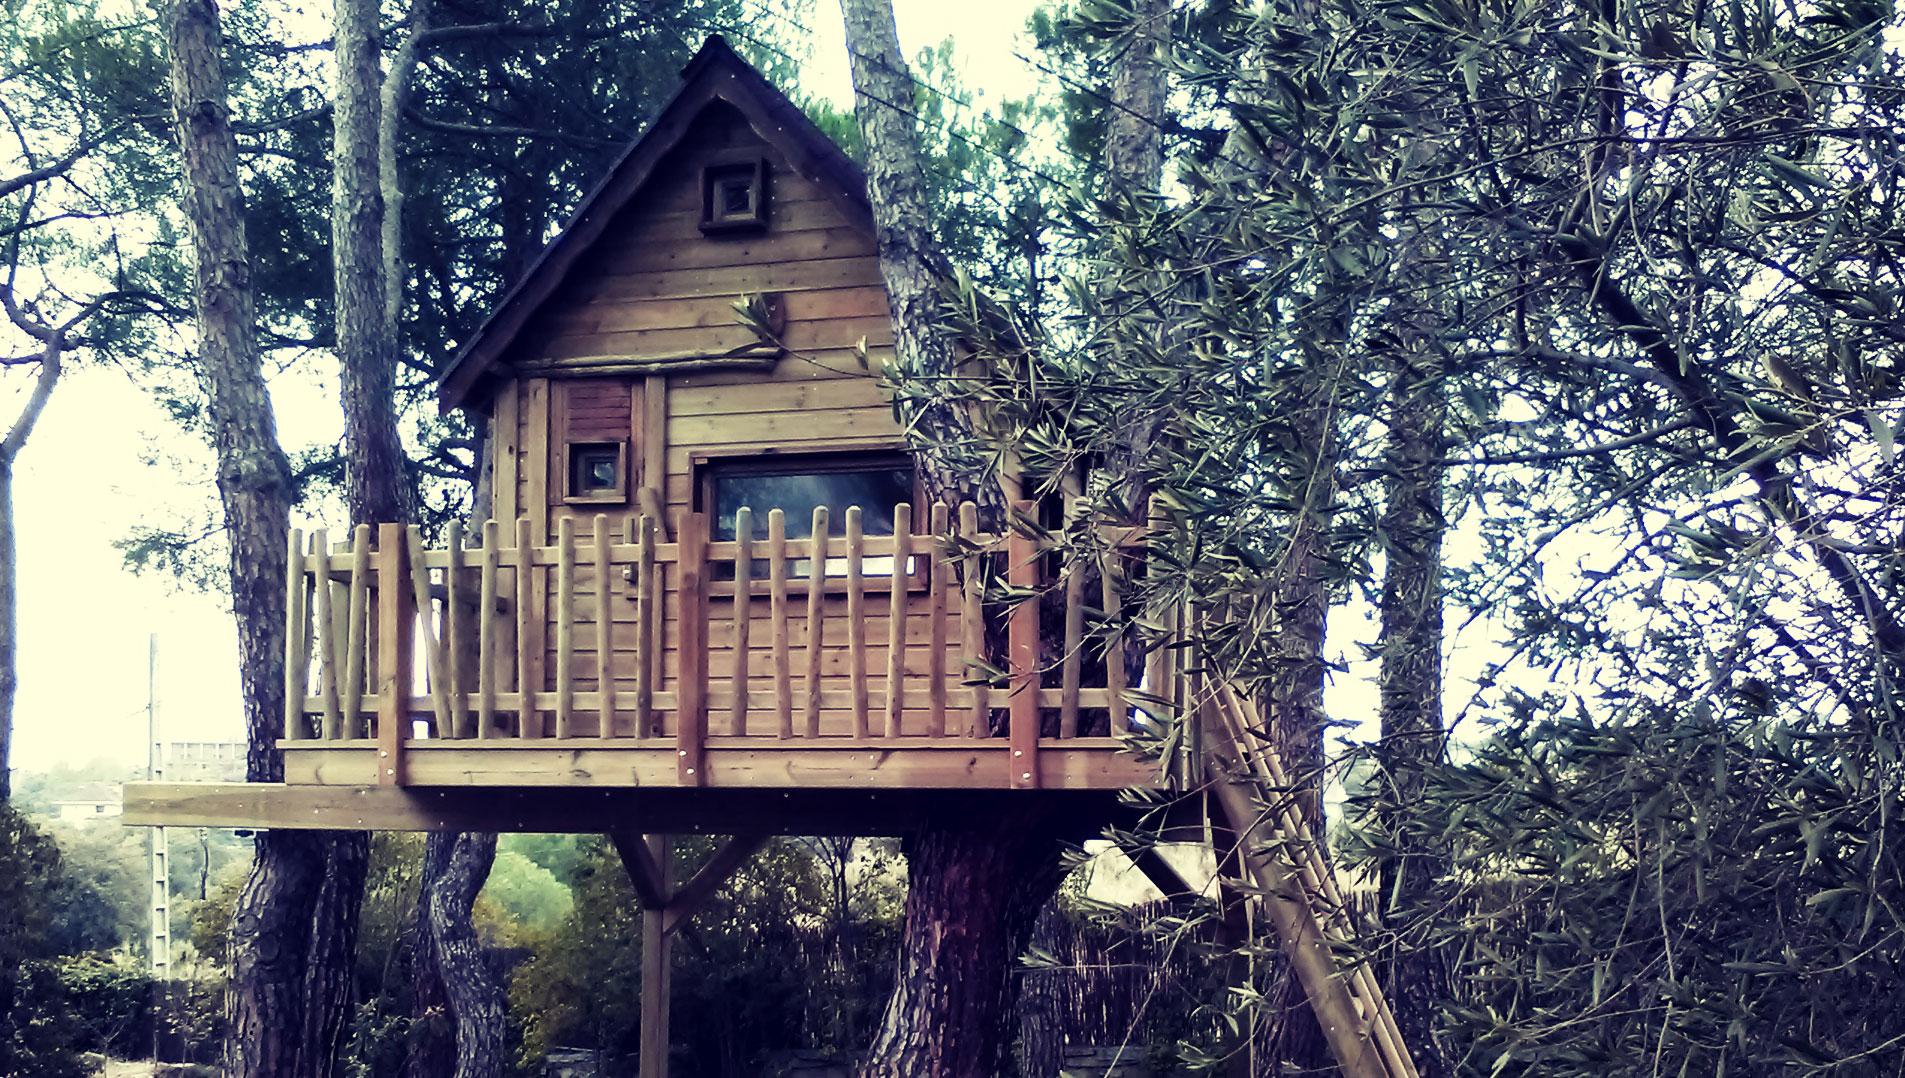 Casas Casitas Cabañas En El árbol Fun Houses Casitas En árboles Casas Cabañas España Euzkadi